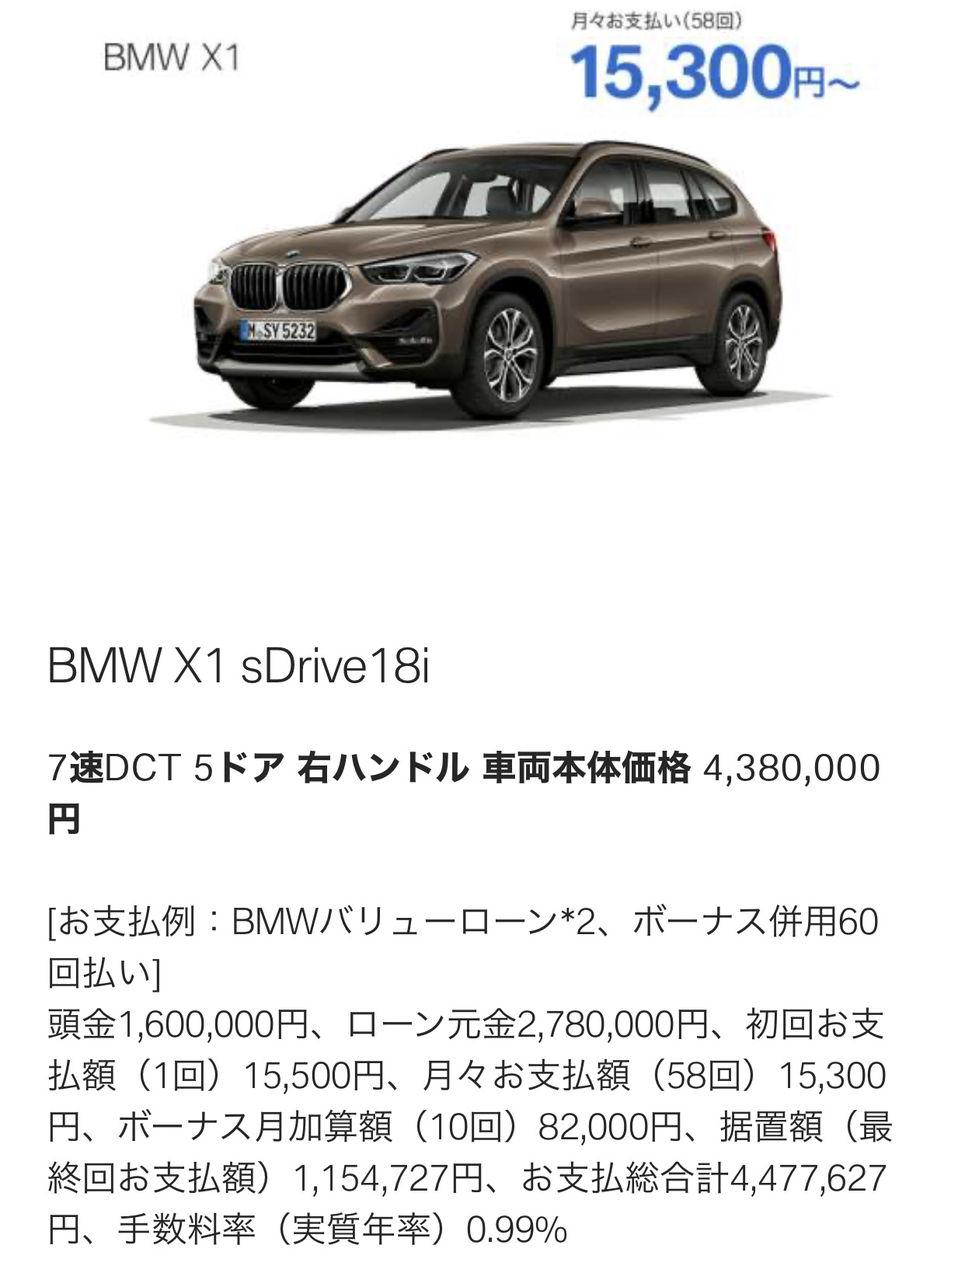 【朗報】お前ら急げ!BMWのSUV新車が月々15,300円で買えるぞ😀